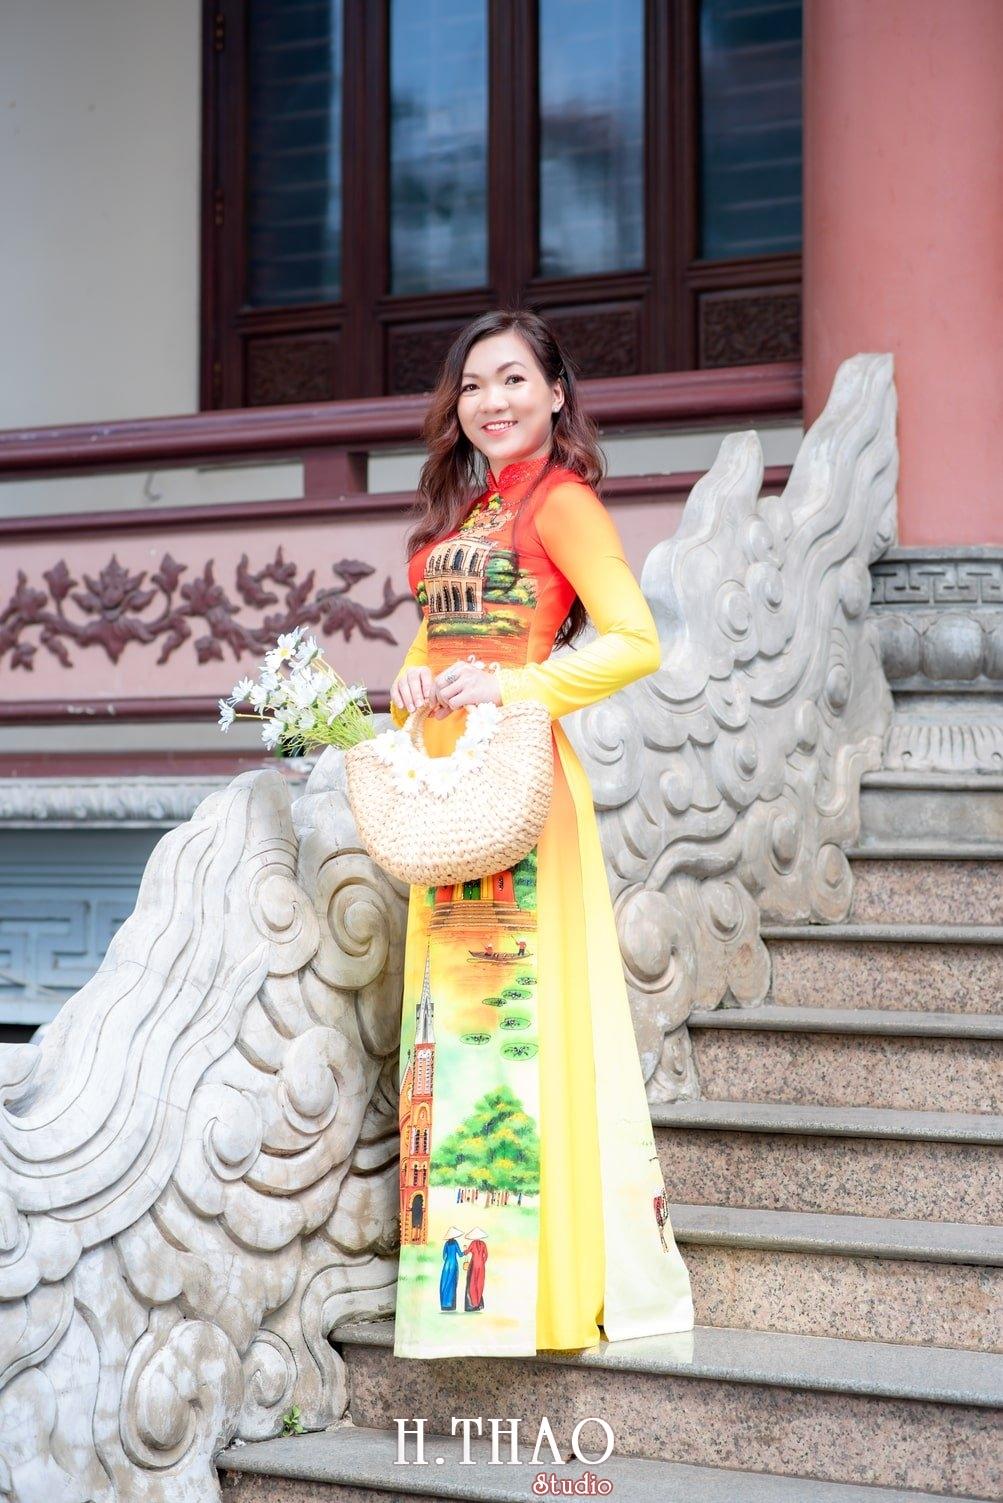 Ao dai 4 - Báo giá chụp ảnh áo dài trọn gói tại Tp.HCM - HThao Studio